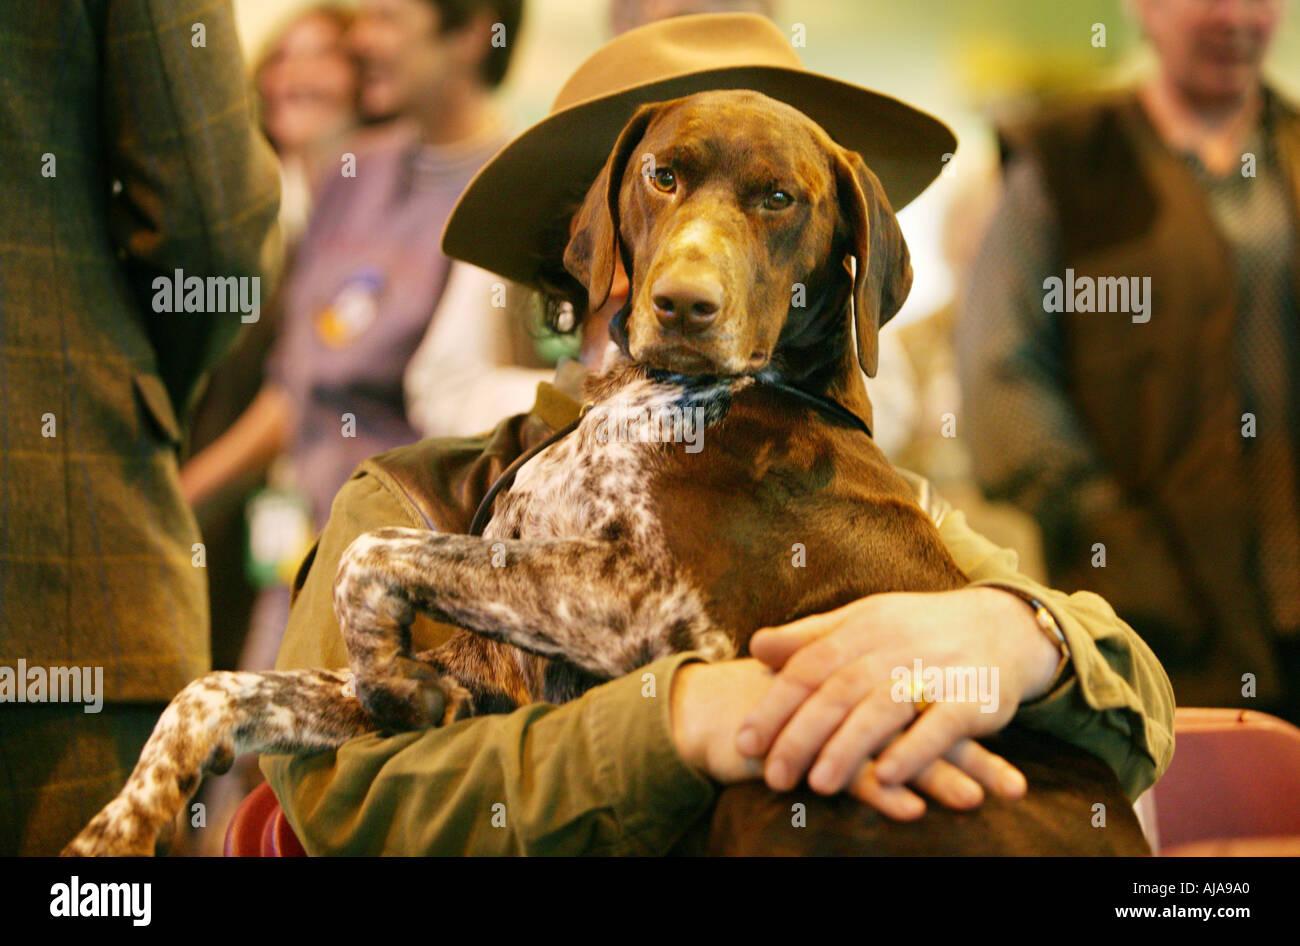 Ein Hund auf seinen Besitzer Schoß auf Crufts an der National Exhibition Centre Birmingham UK Stockbild